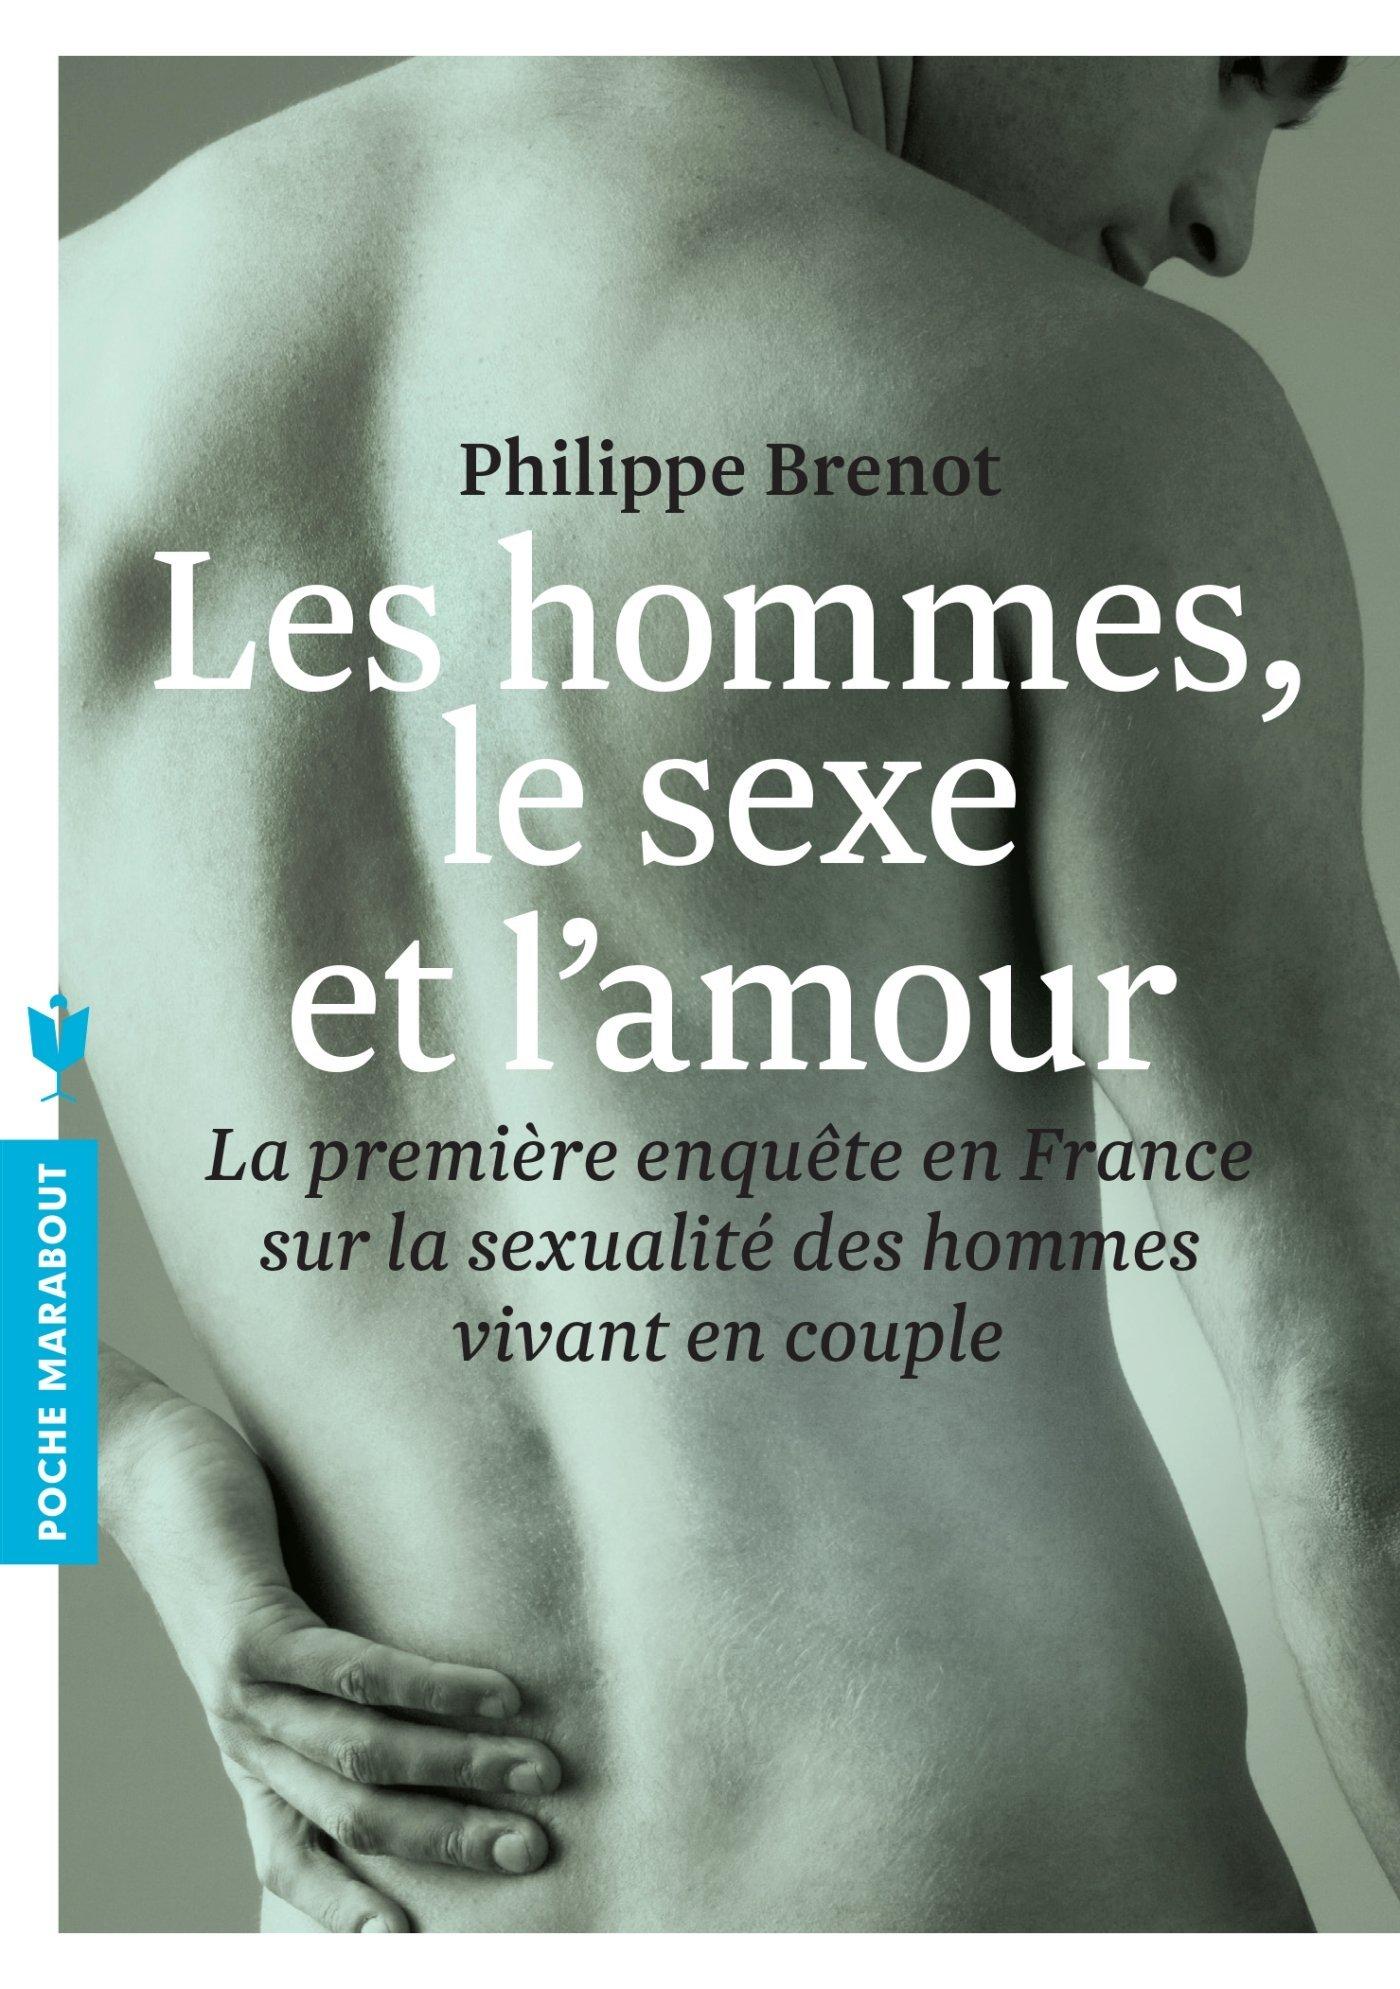 Les hommes, le sexe et lamour : La première enquête en France sur la sexualité des hommes vivant en couple Philippe Brenot